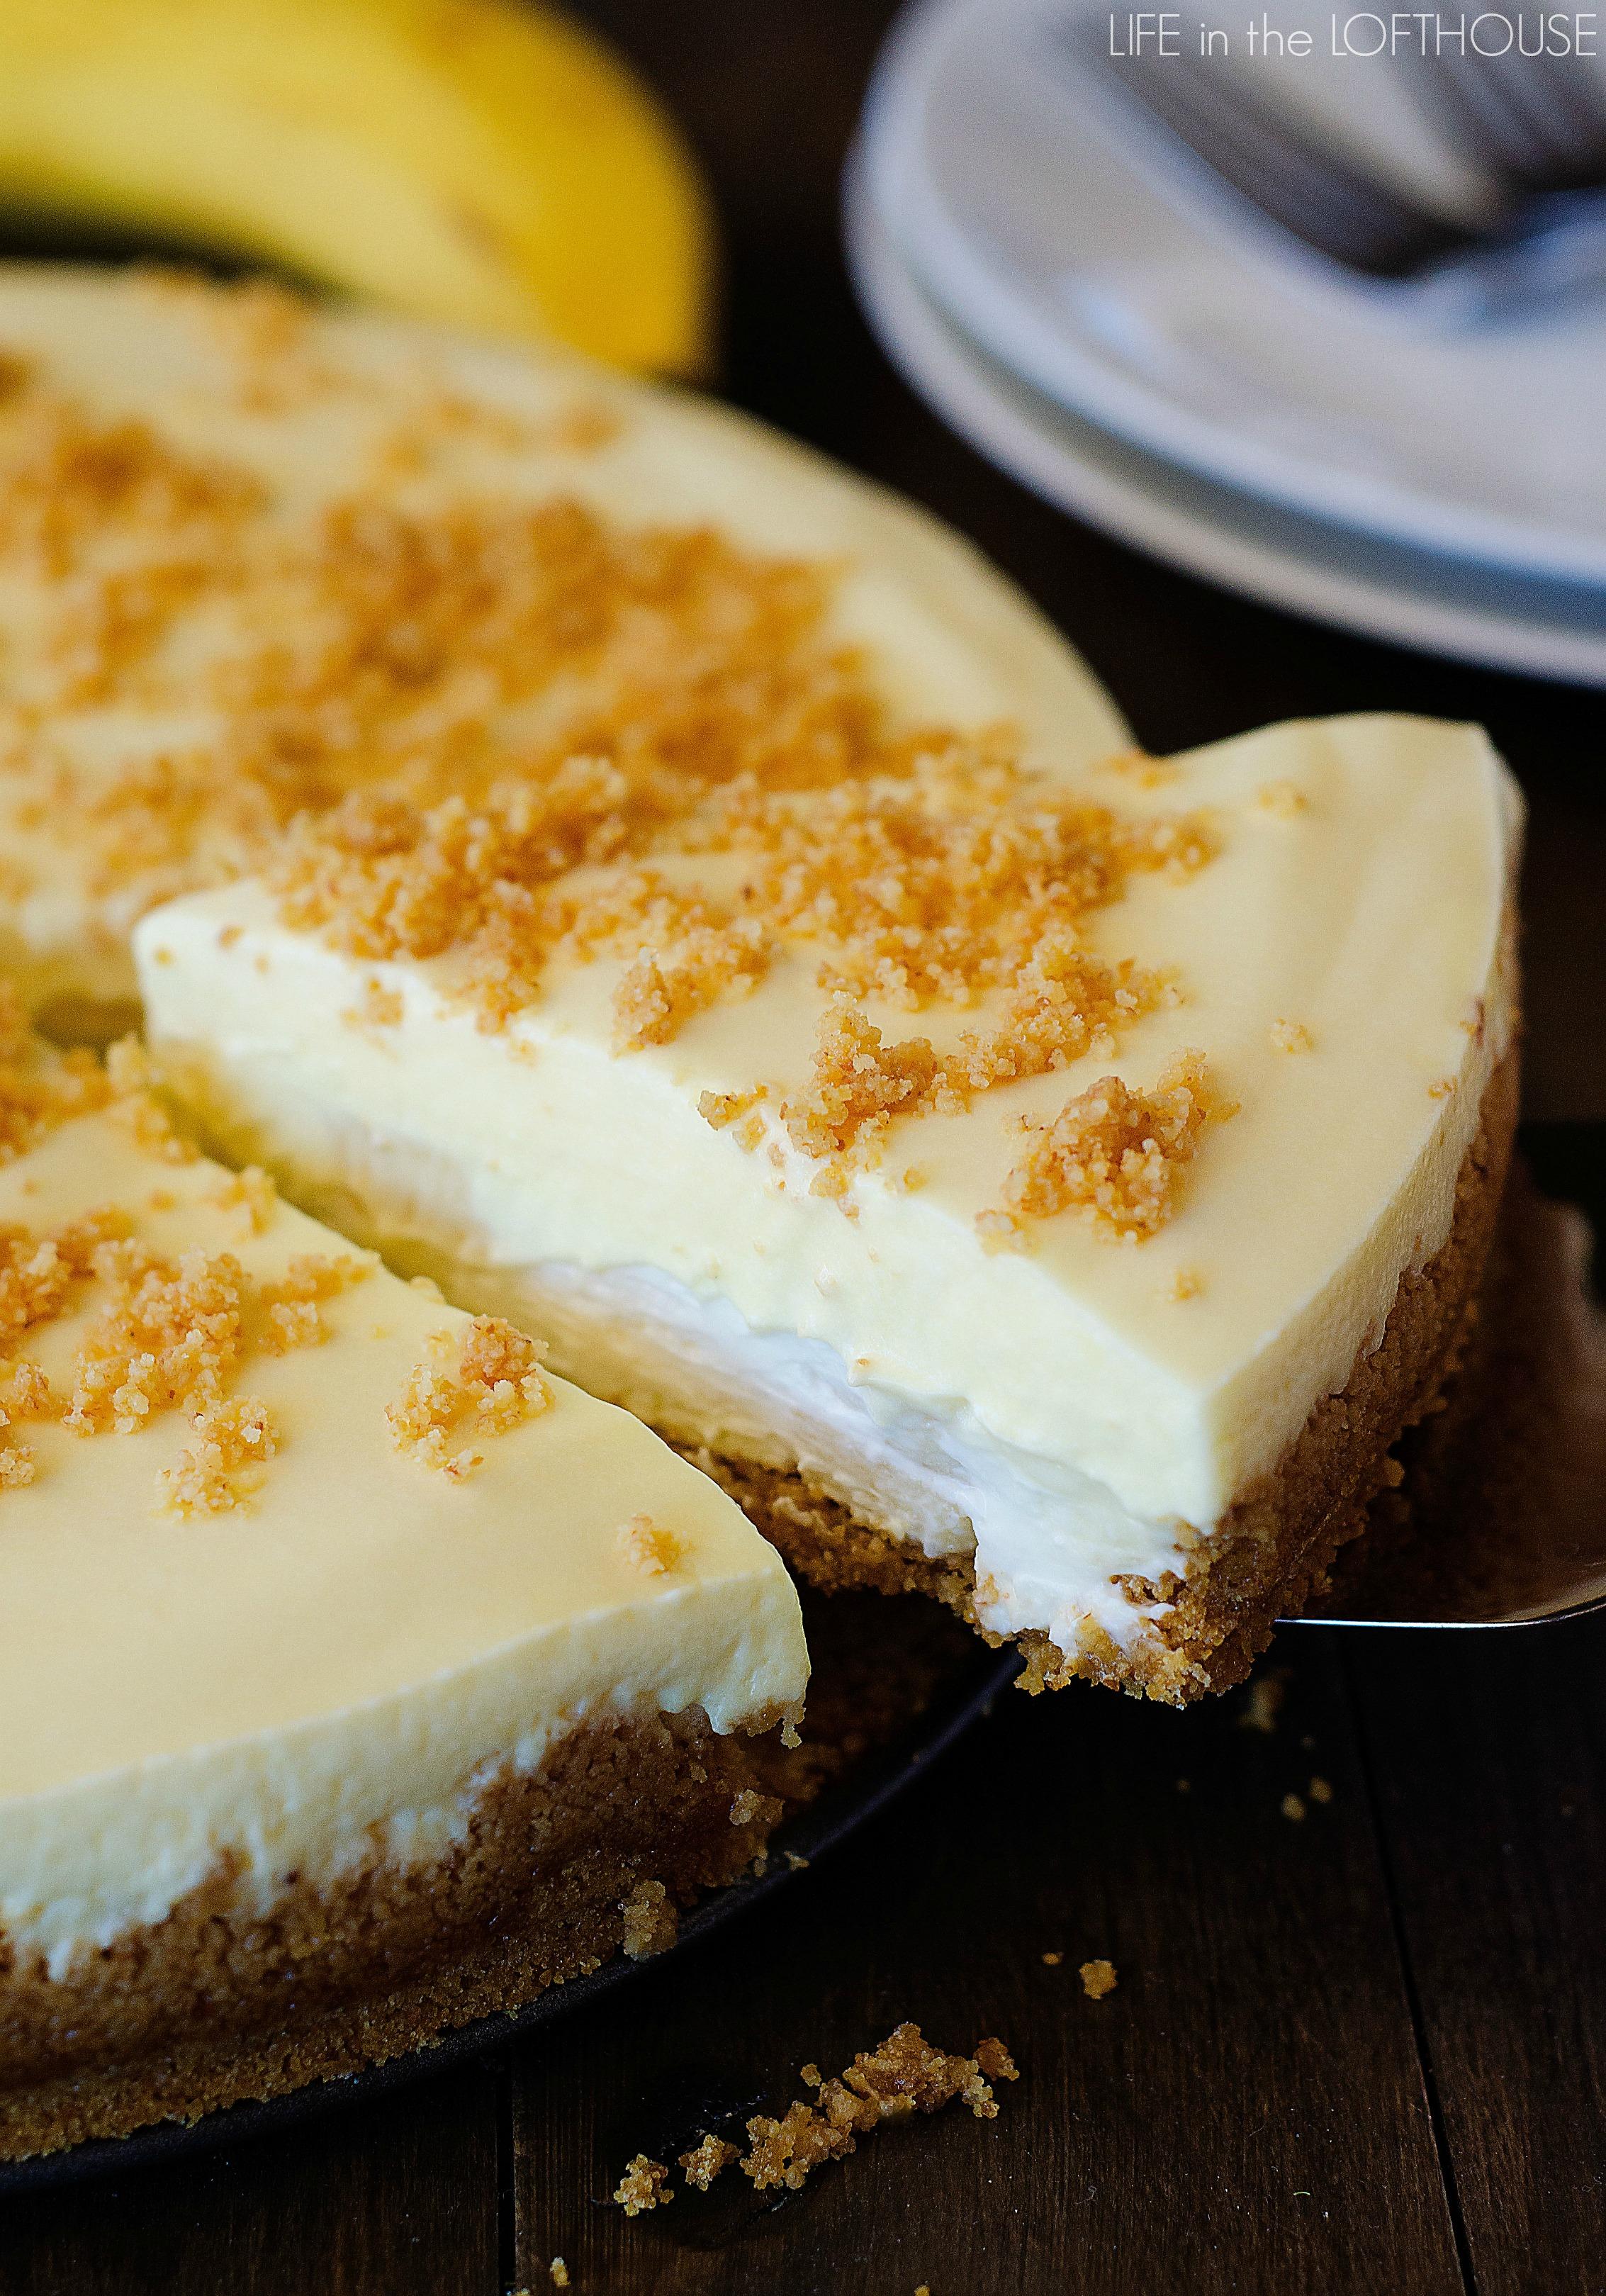 Banana cream pie cheesecake life in the lofthouse for Life in the lofthouse